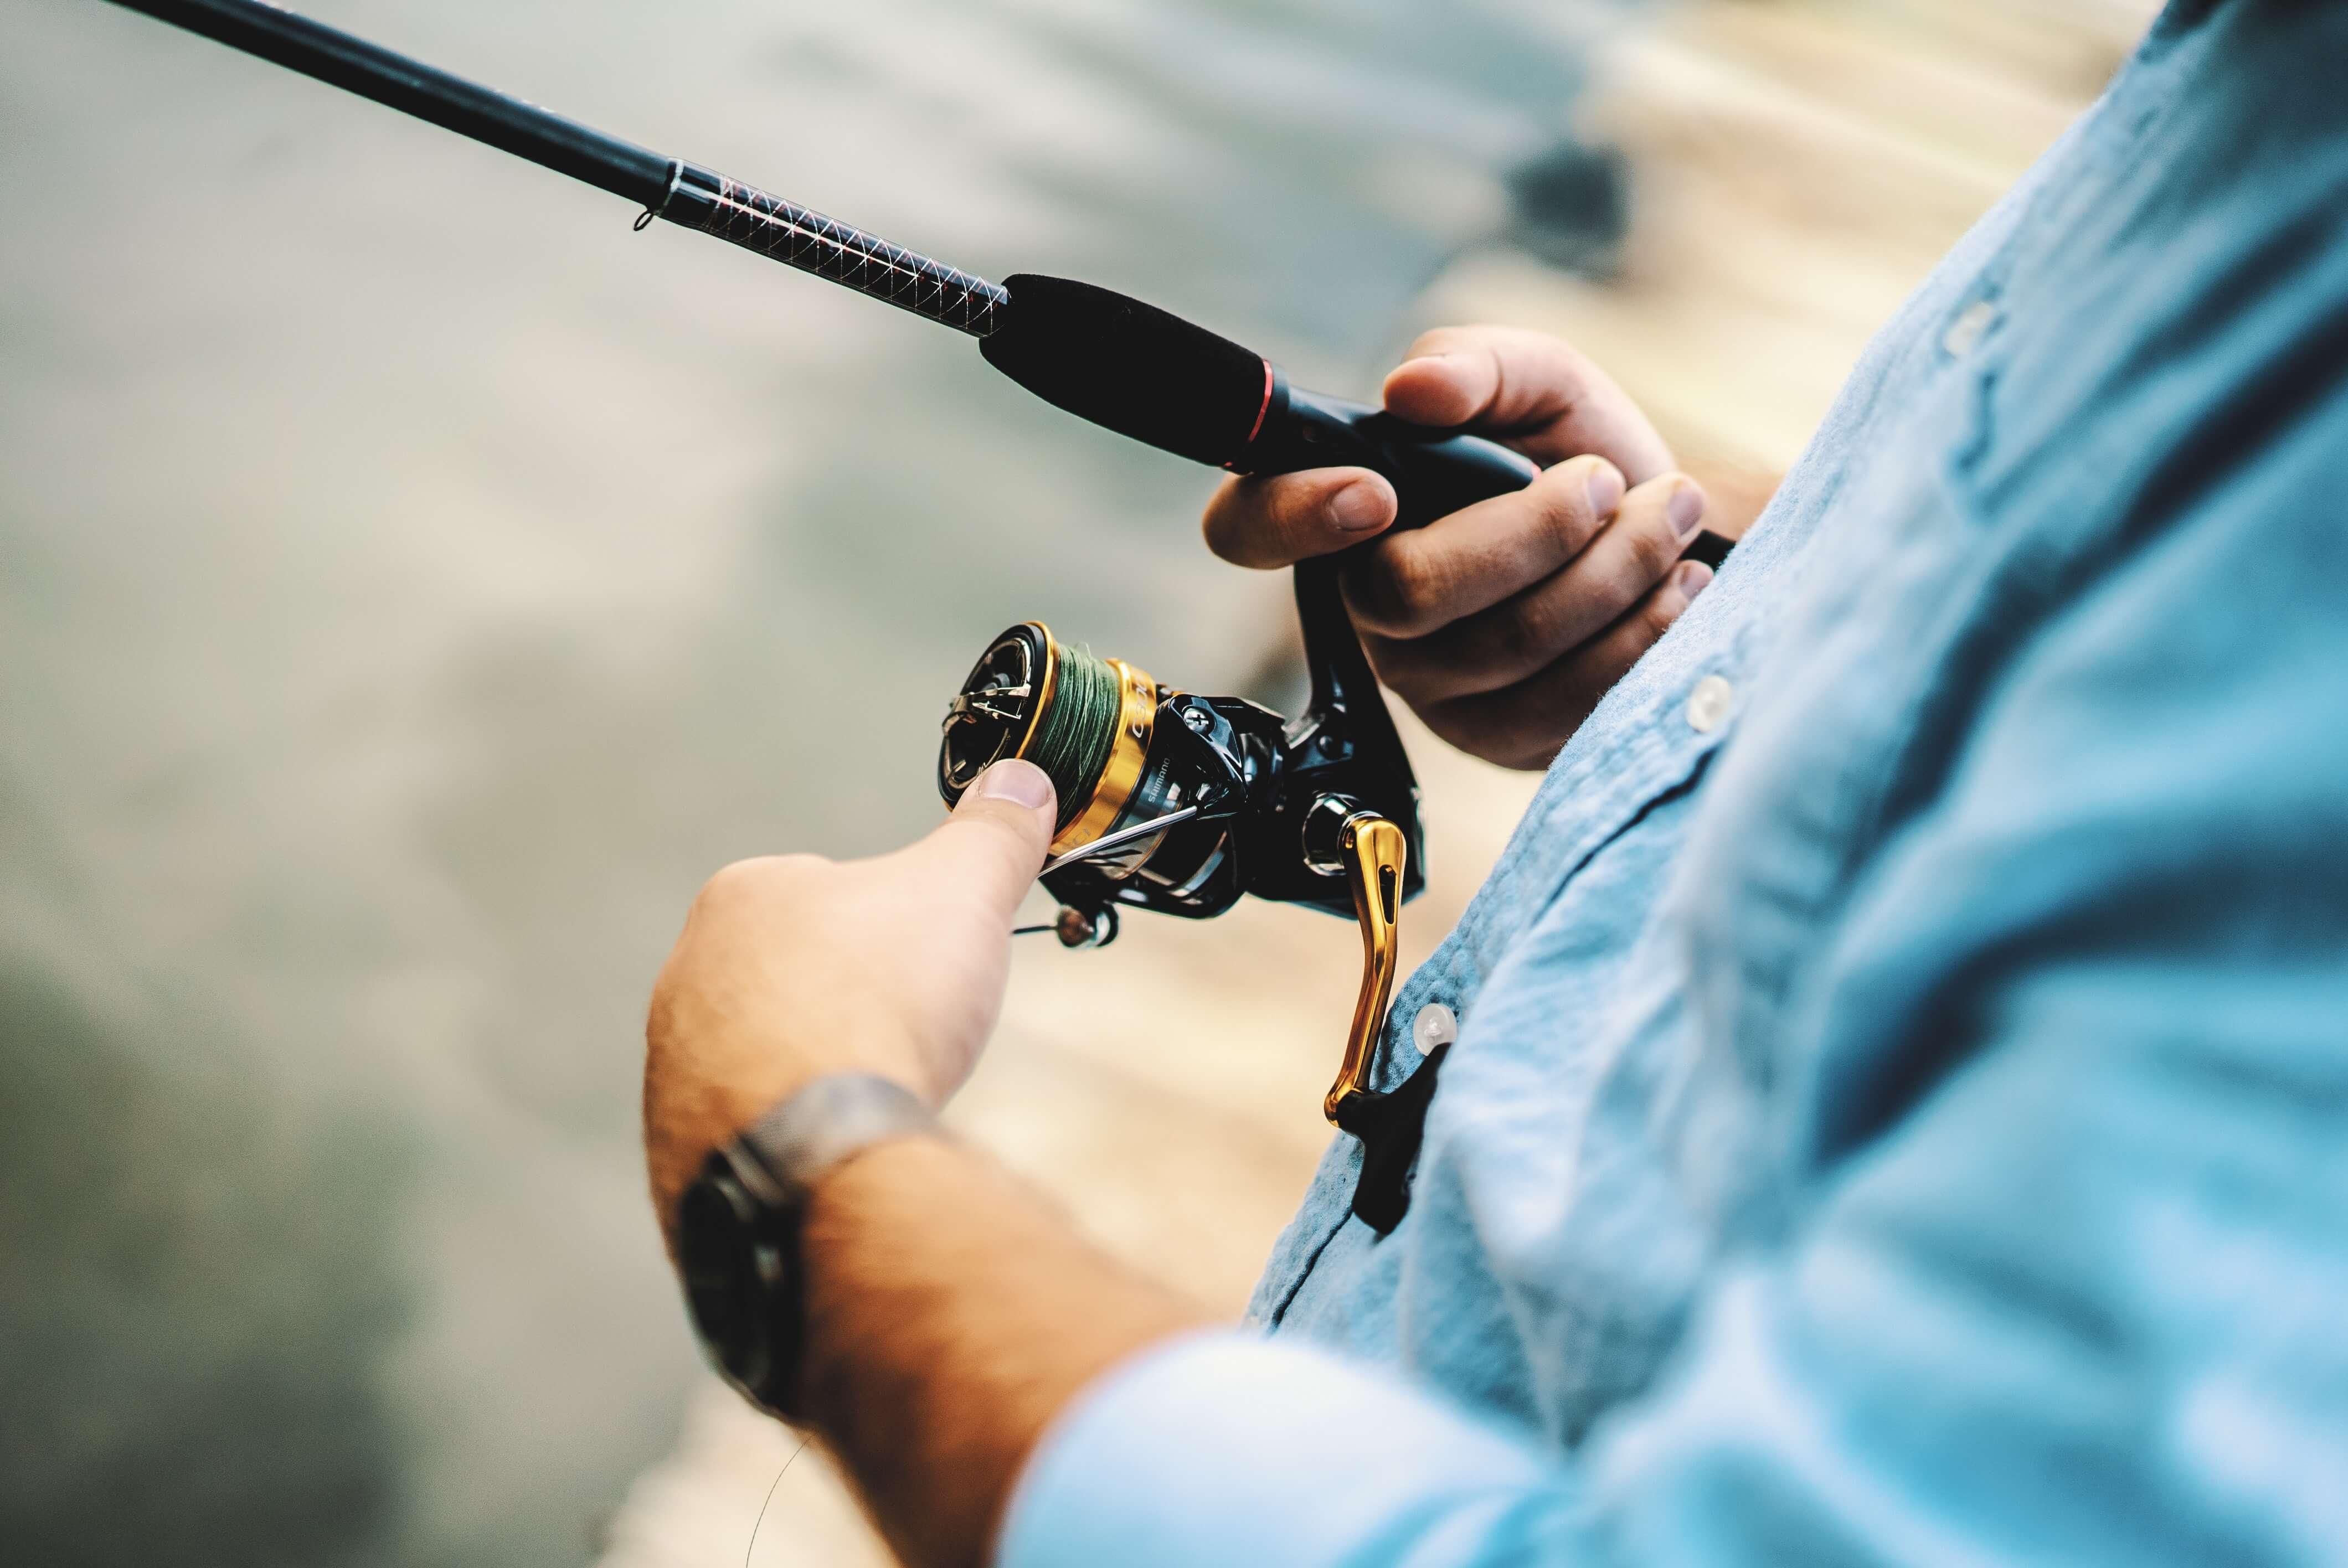 Ein Angler hält eine rute in der Hand und dreht an der Spule.